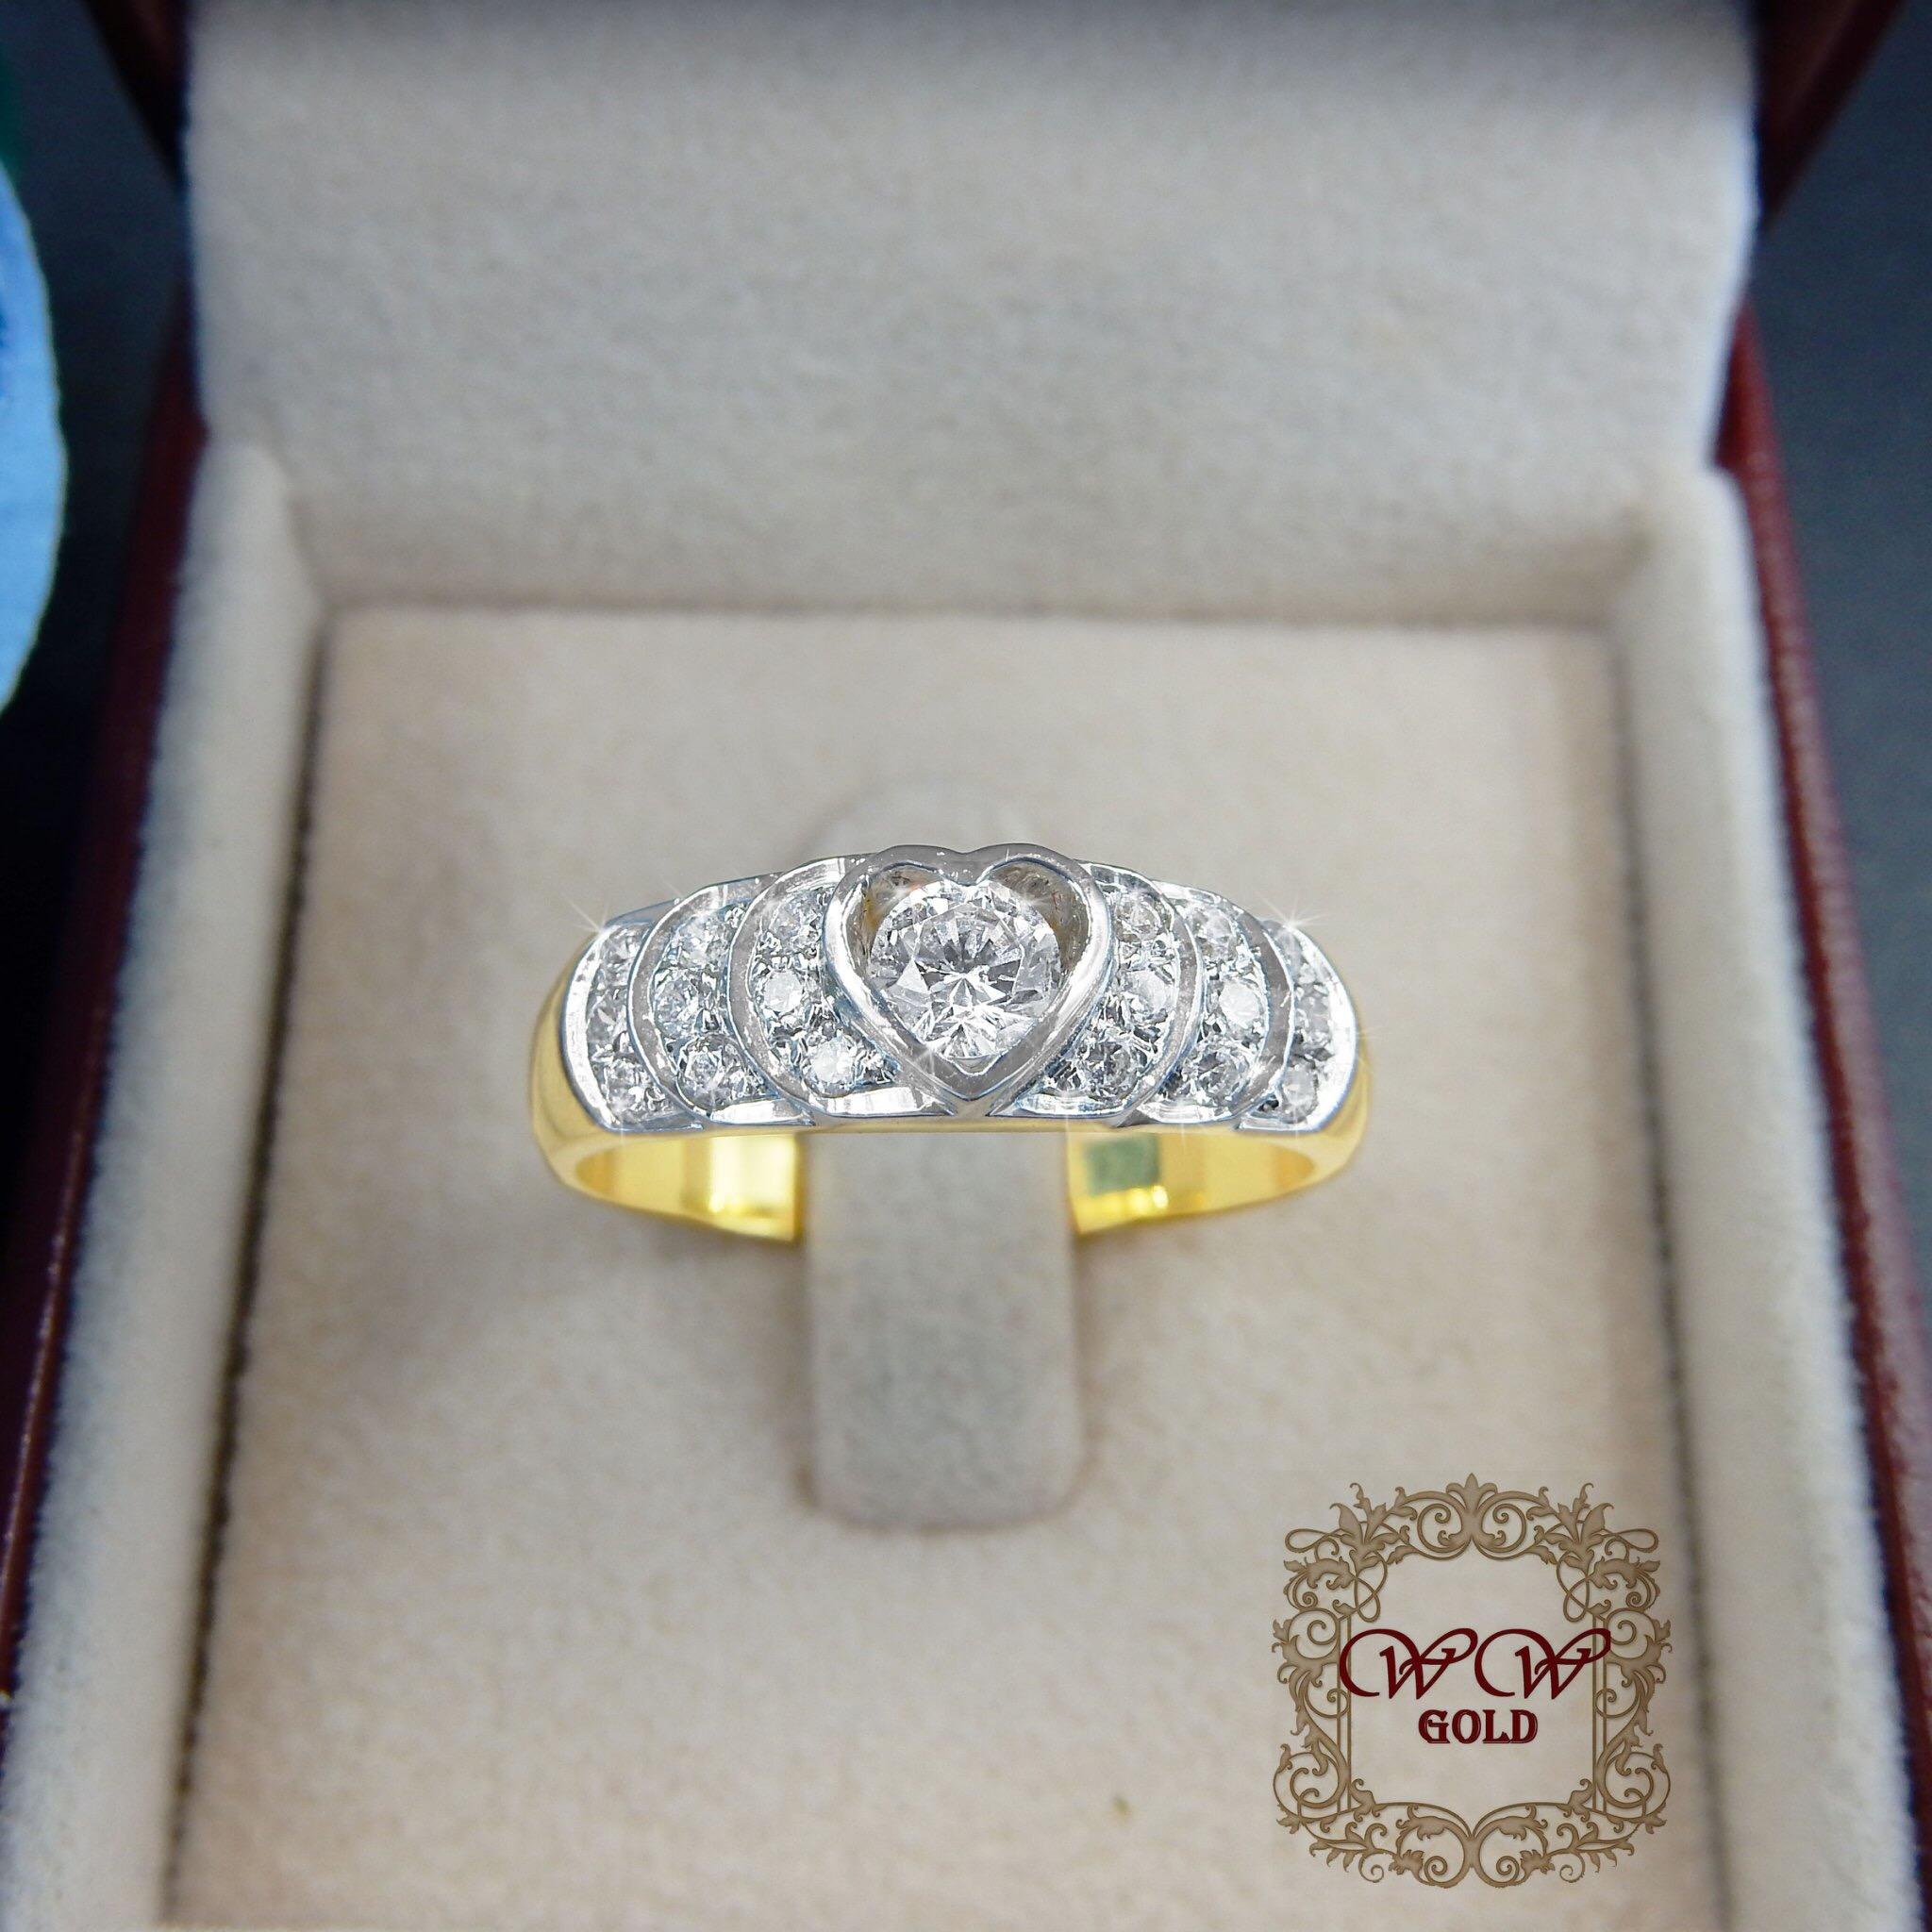 แหวนเพชรแท้เบลเยี่ยม (ห้วใจ)